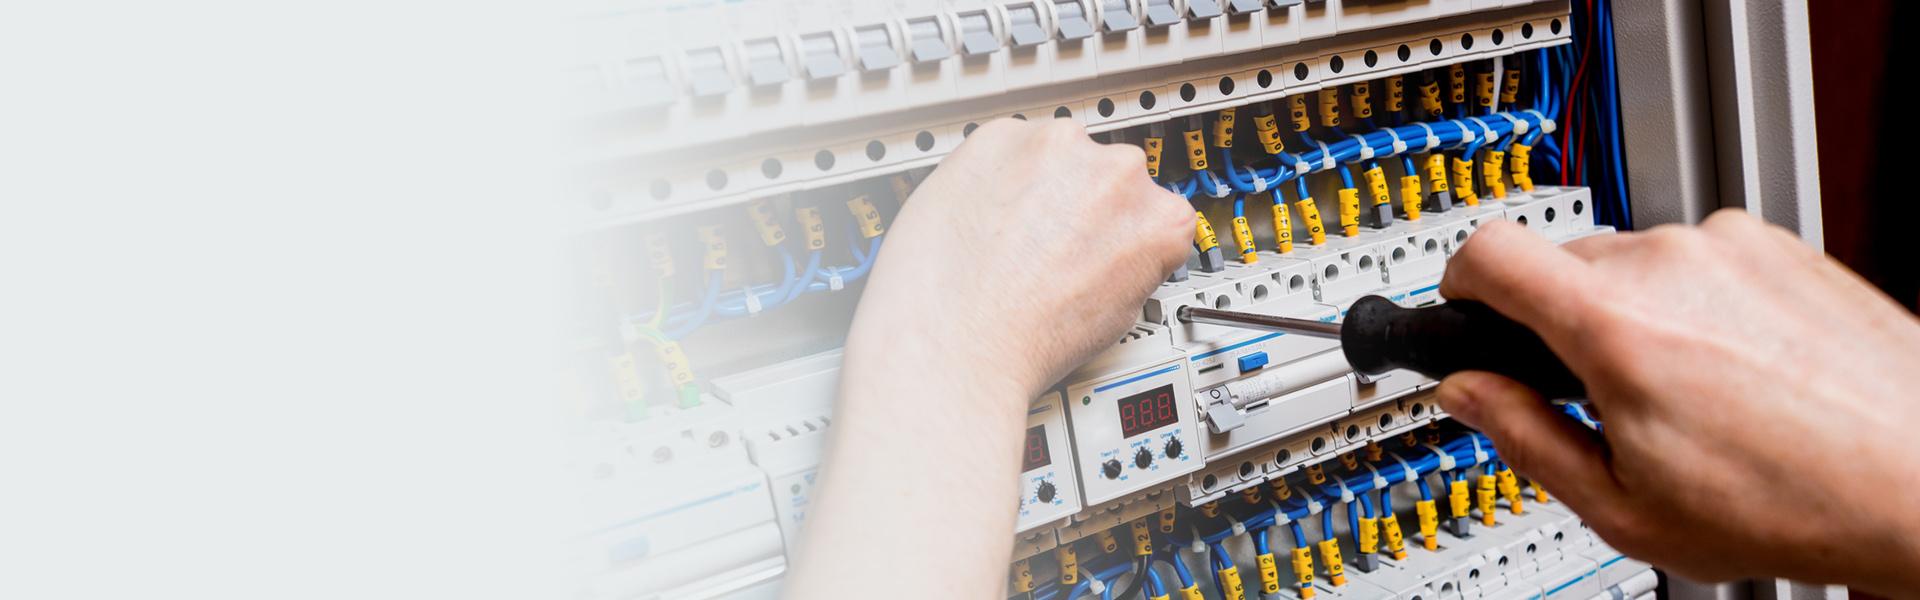 Hurtownia elektryczna – Amper